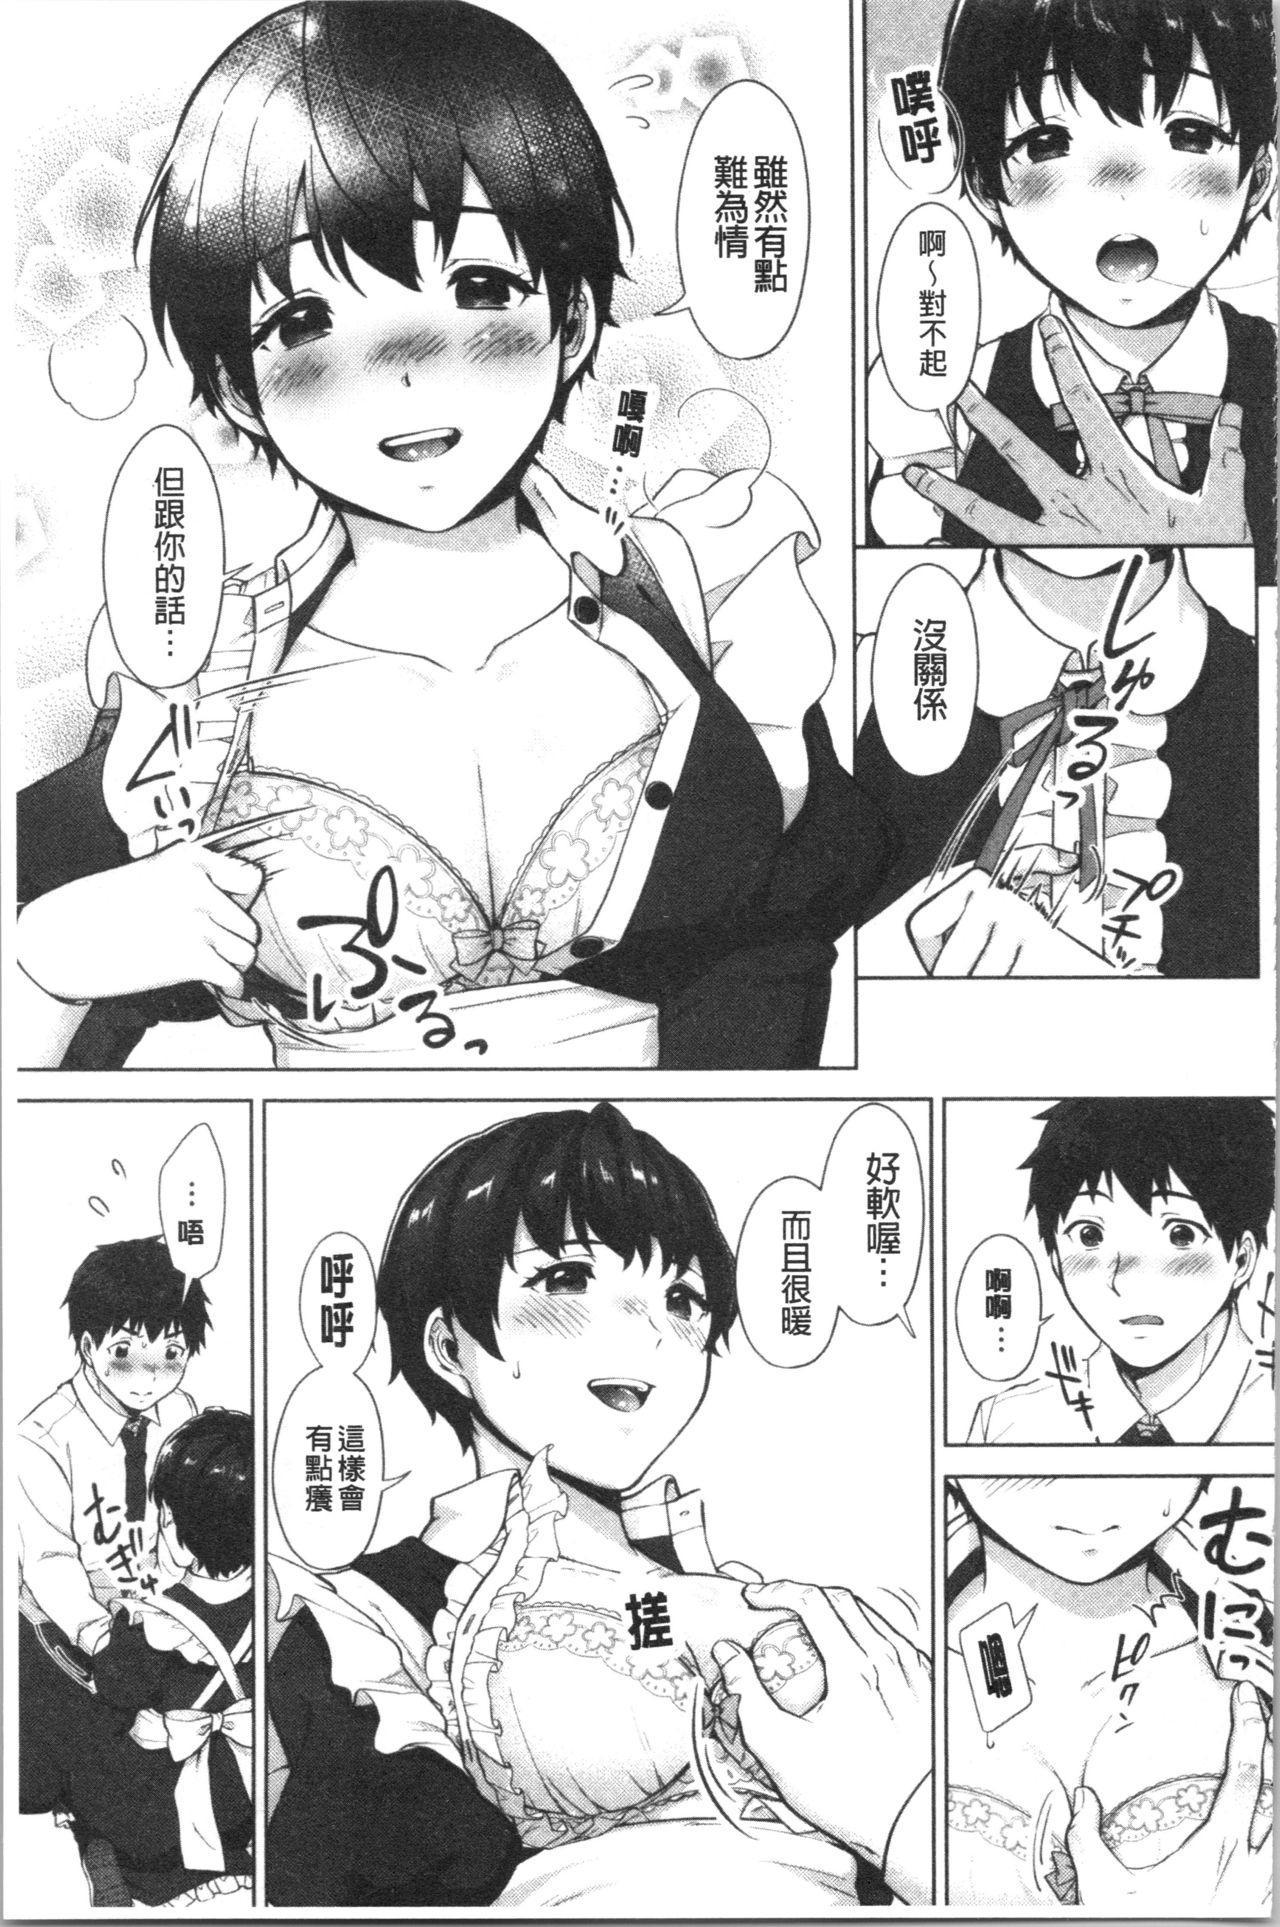 #Echi Echi Joshi to Tsunagaritai | #好色淫蕩女子想和她搞一下 143